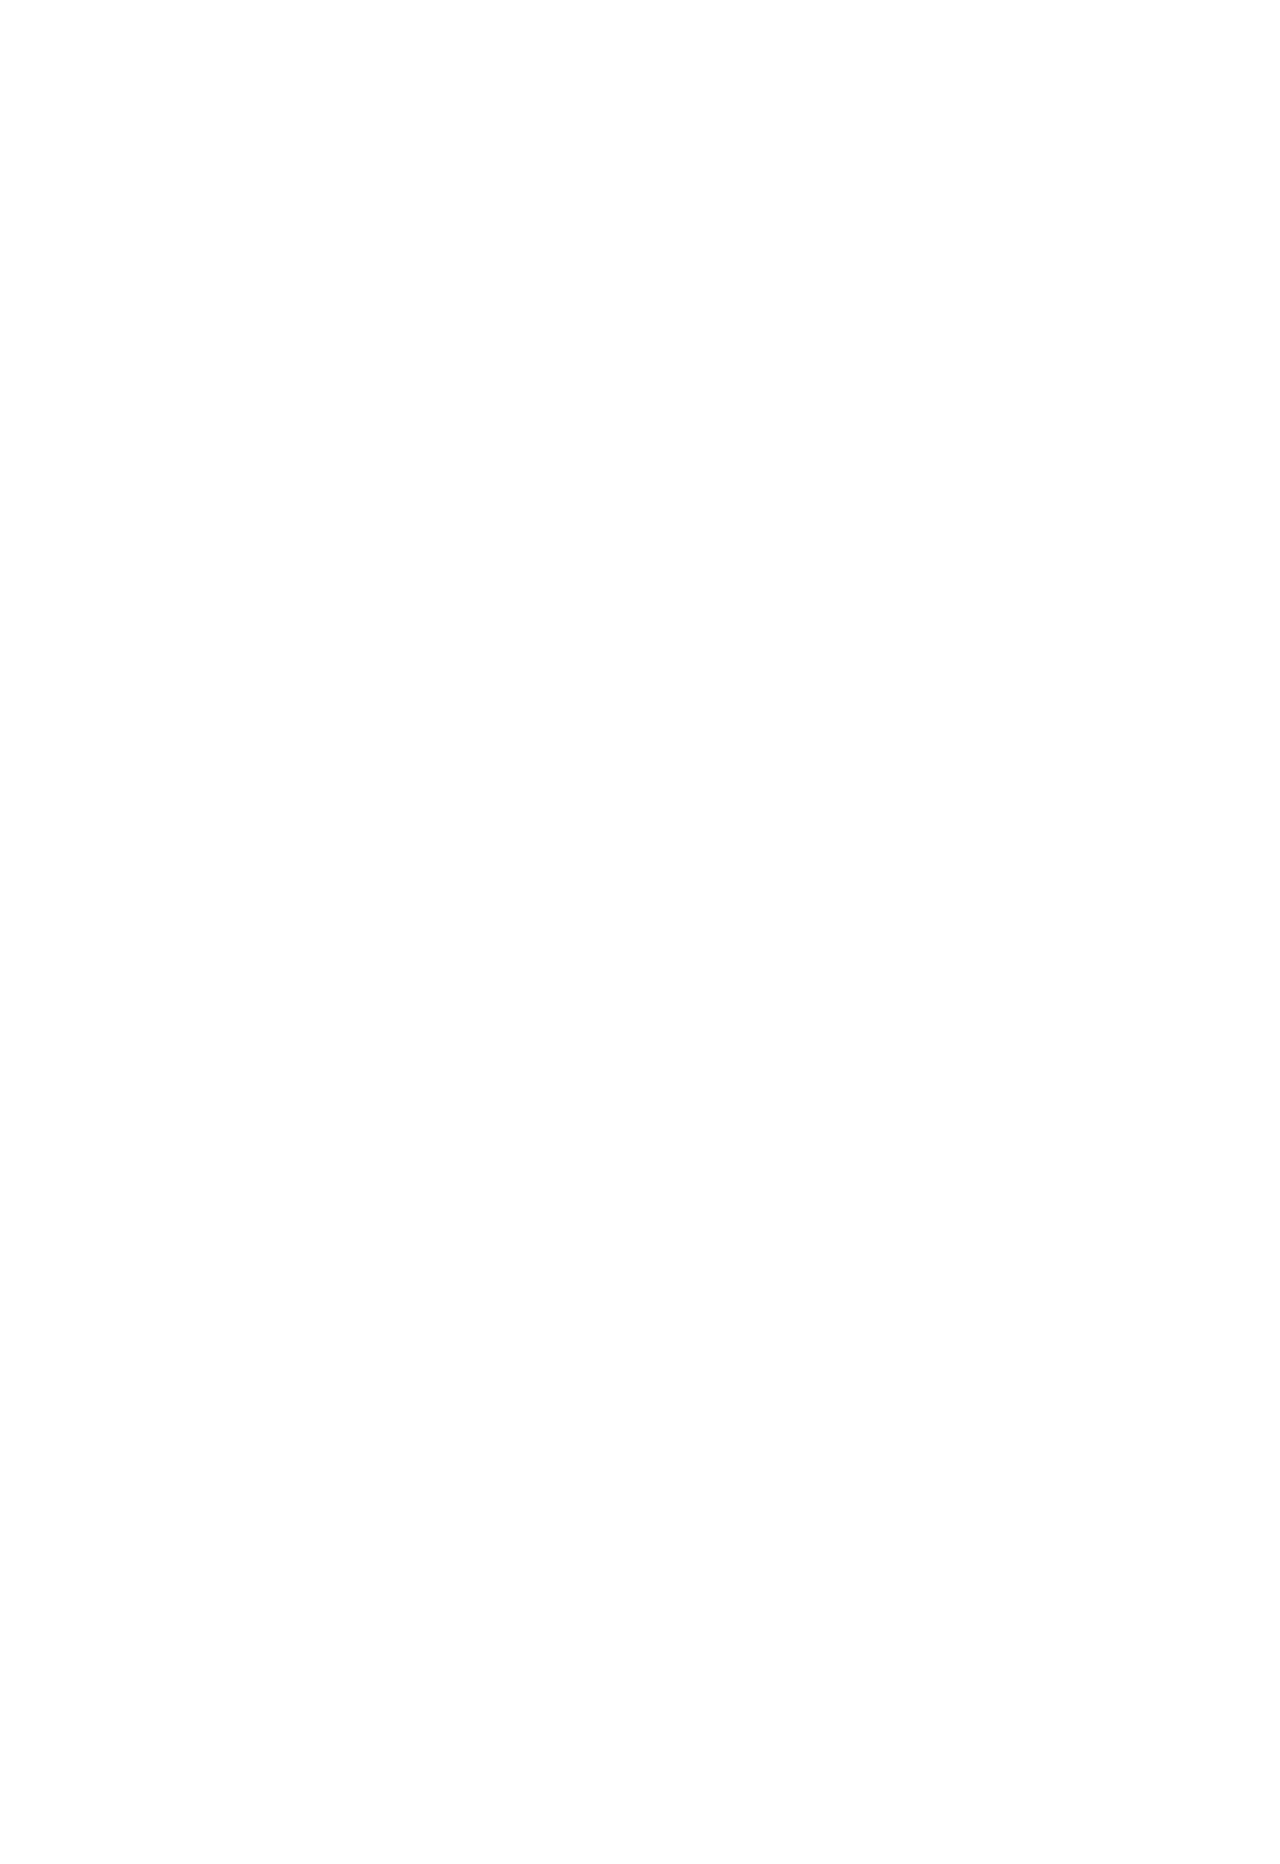 [kitsunenotera (bouko)] Kou demo Shinakya Akigumo-san 25-sai ga Teitoku to Hameru Kikai Isshou Konai desho (Kantai Collection -KanColle-) [Chinese] [新桥月白日语社] [Digital] 26